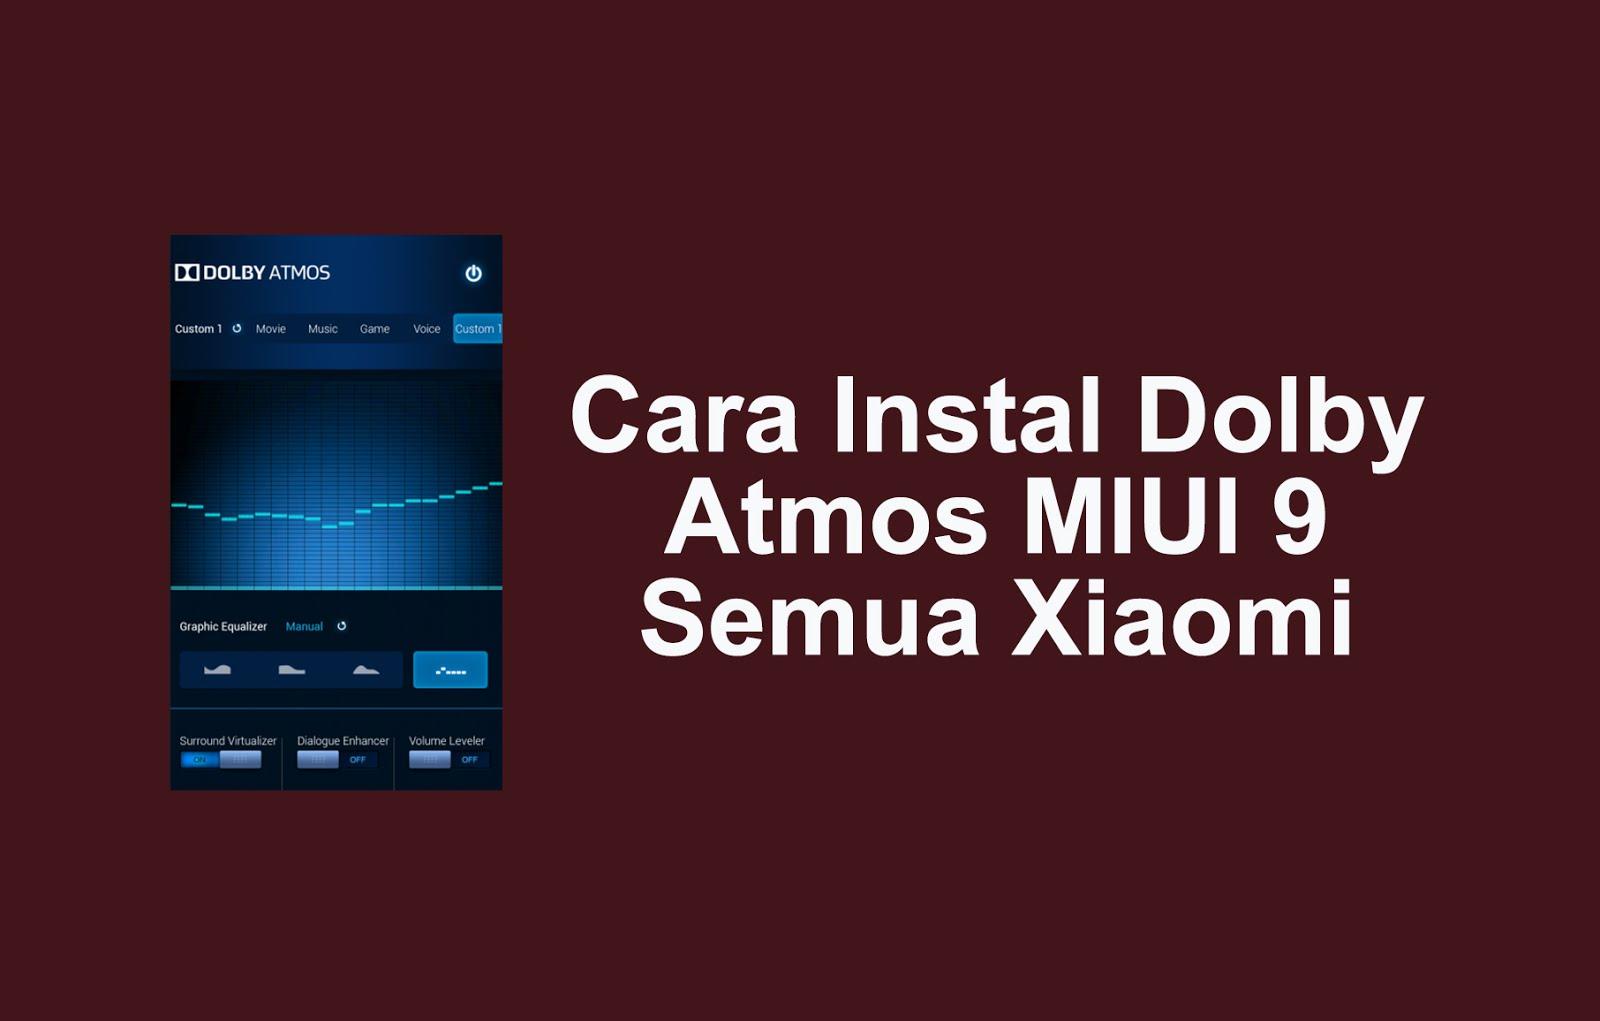 Cara Instal Dolby Atmos MIUI 9 Xiaomi